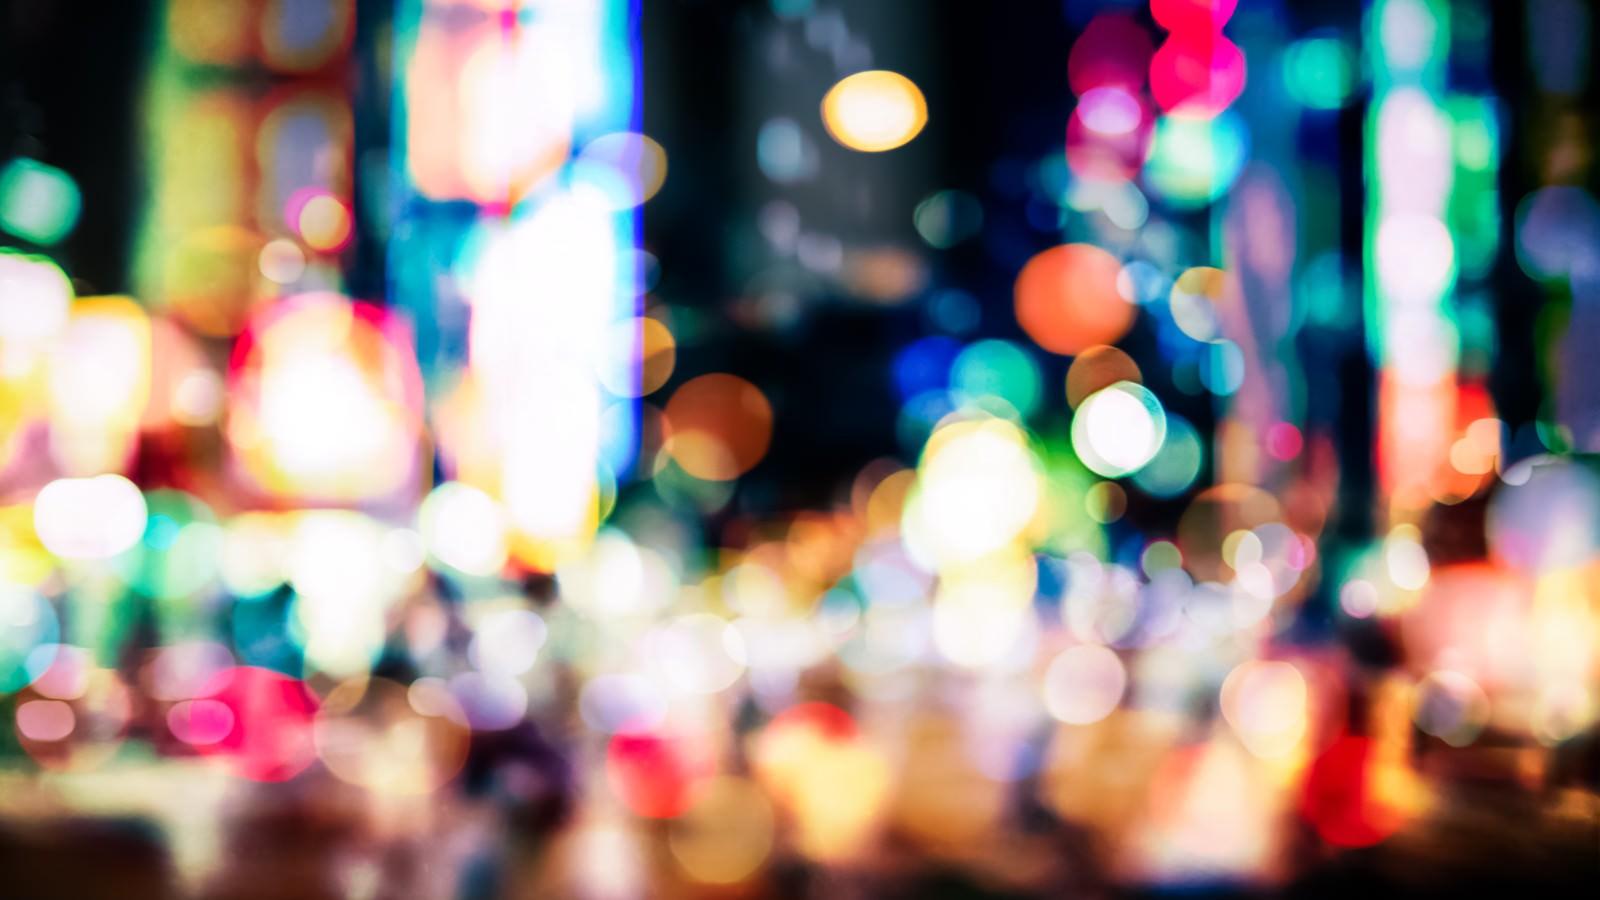 「歓楽街のネオンとボケ」の写真